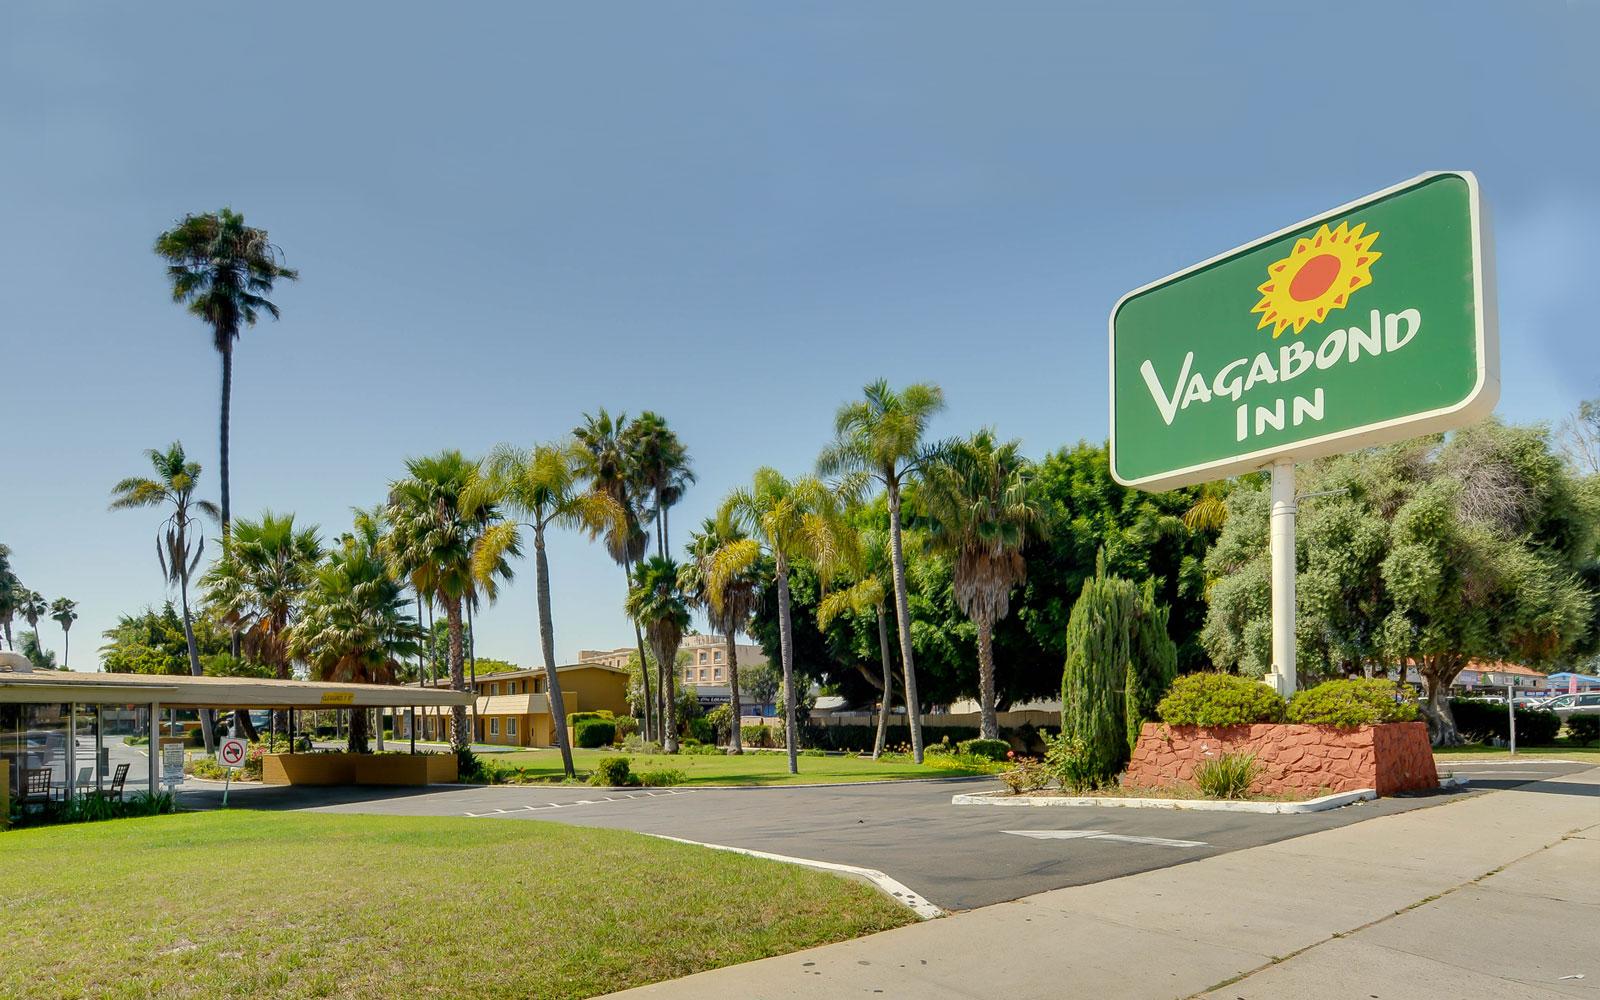 2ed8c87c25 About Our West Coast Travel Destinations - Vagabond Inn Hotels